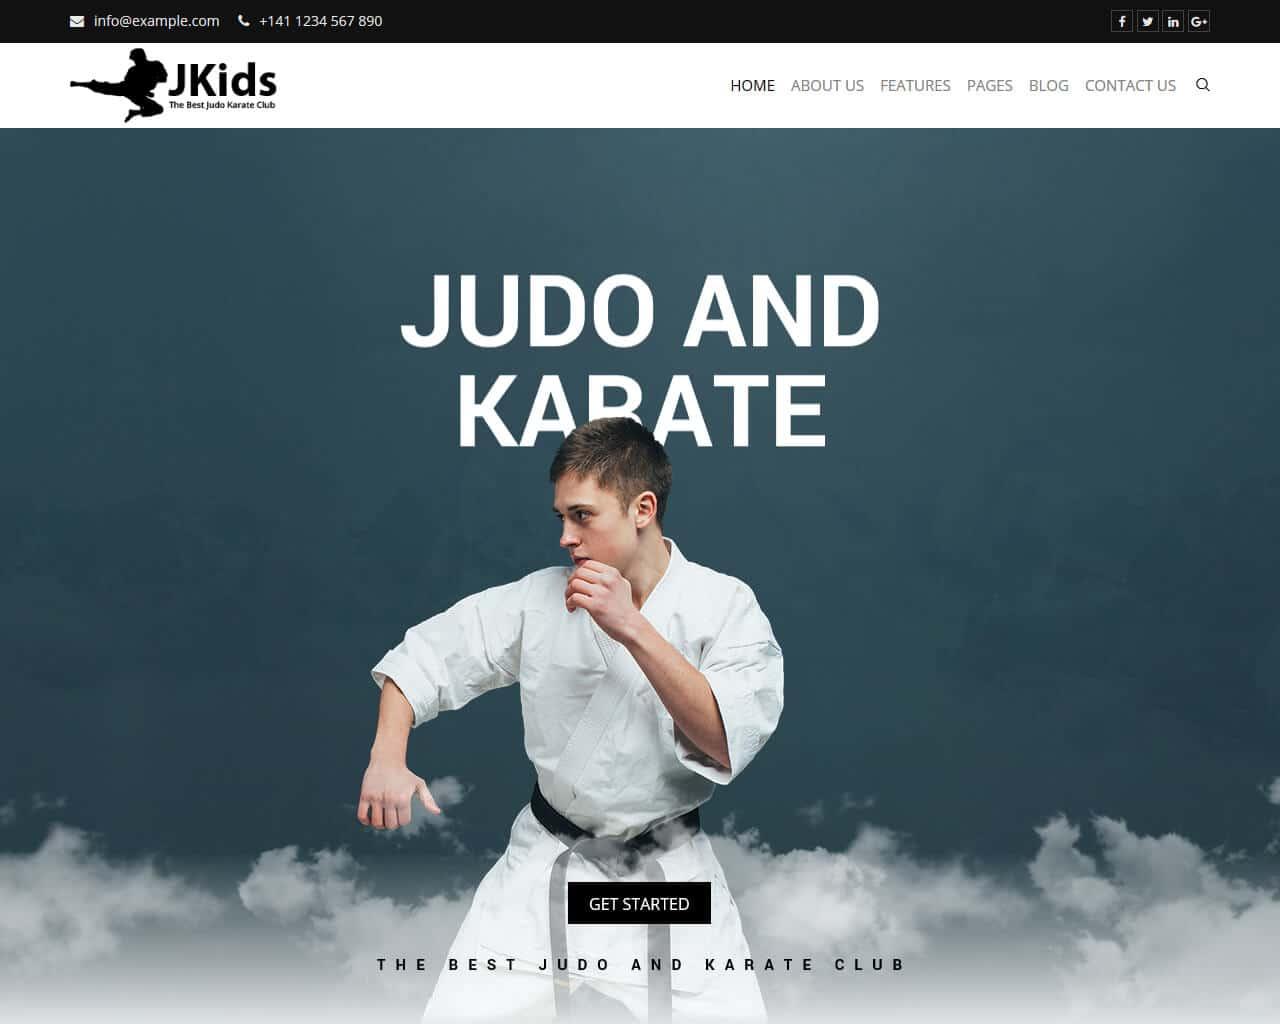 JKids Website Template